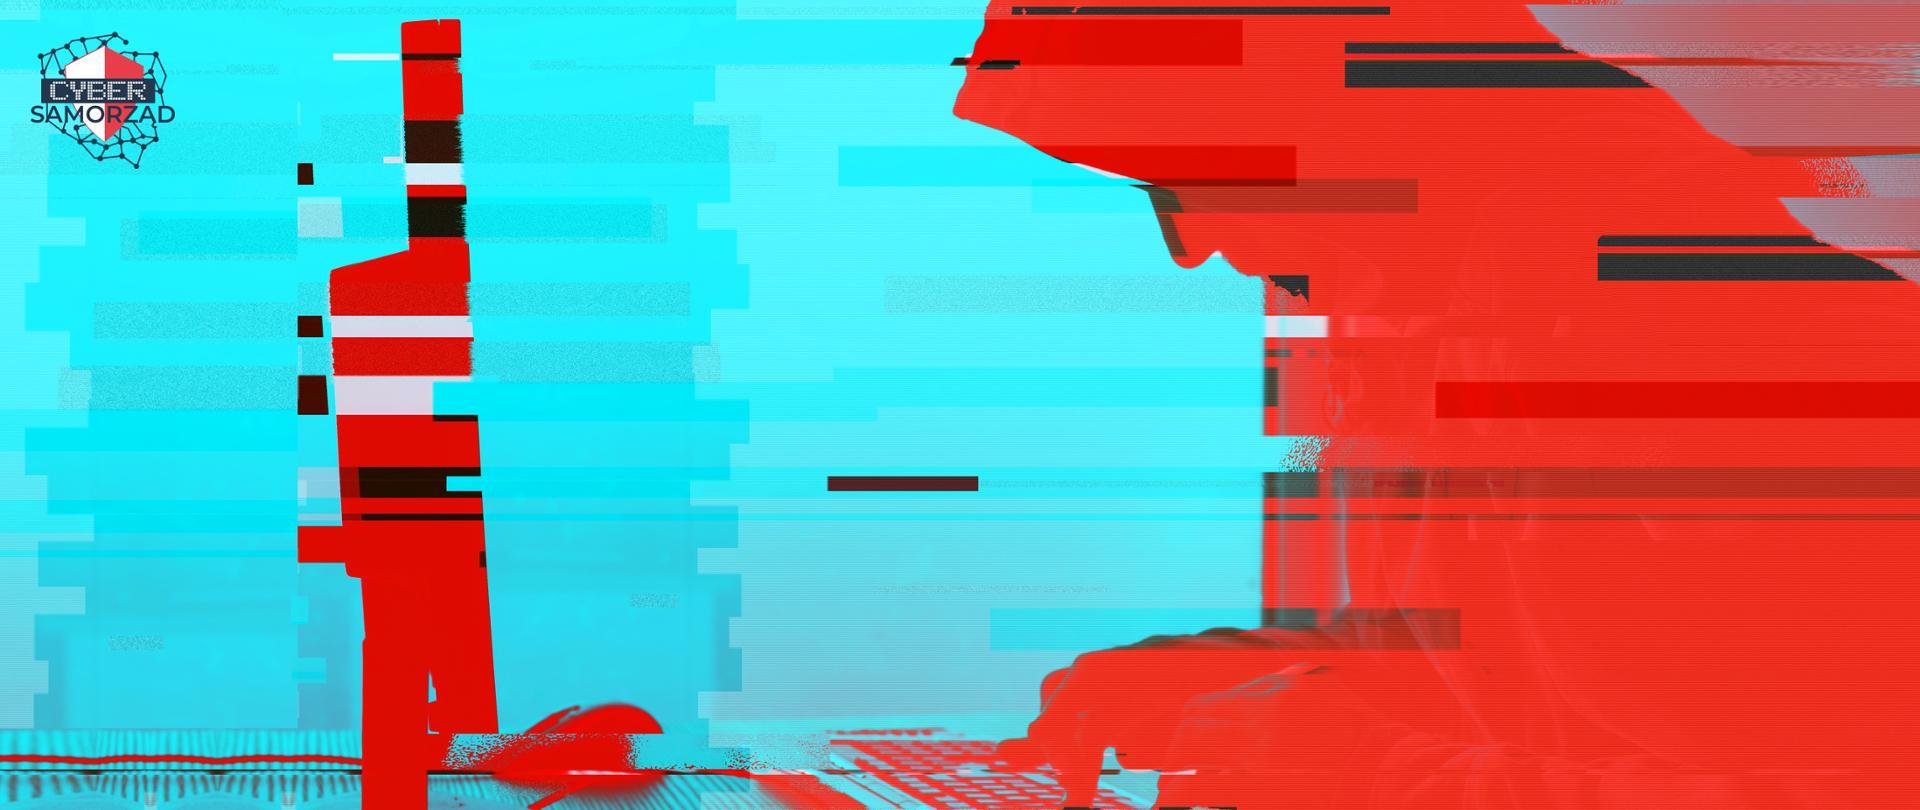 Niebiesko-czerwone zdjęcie hakera pracującego przy komputerze. W lewym górnym rogu logo CyberSamorząd.